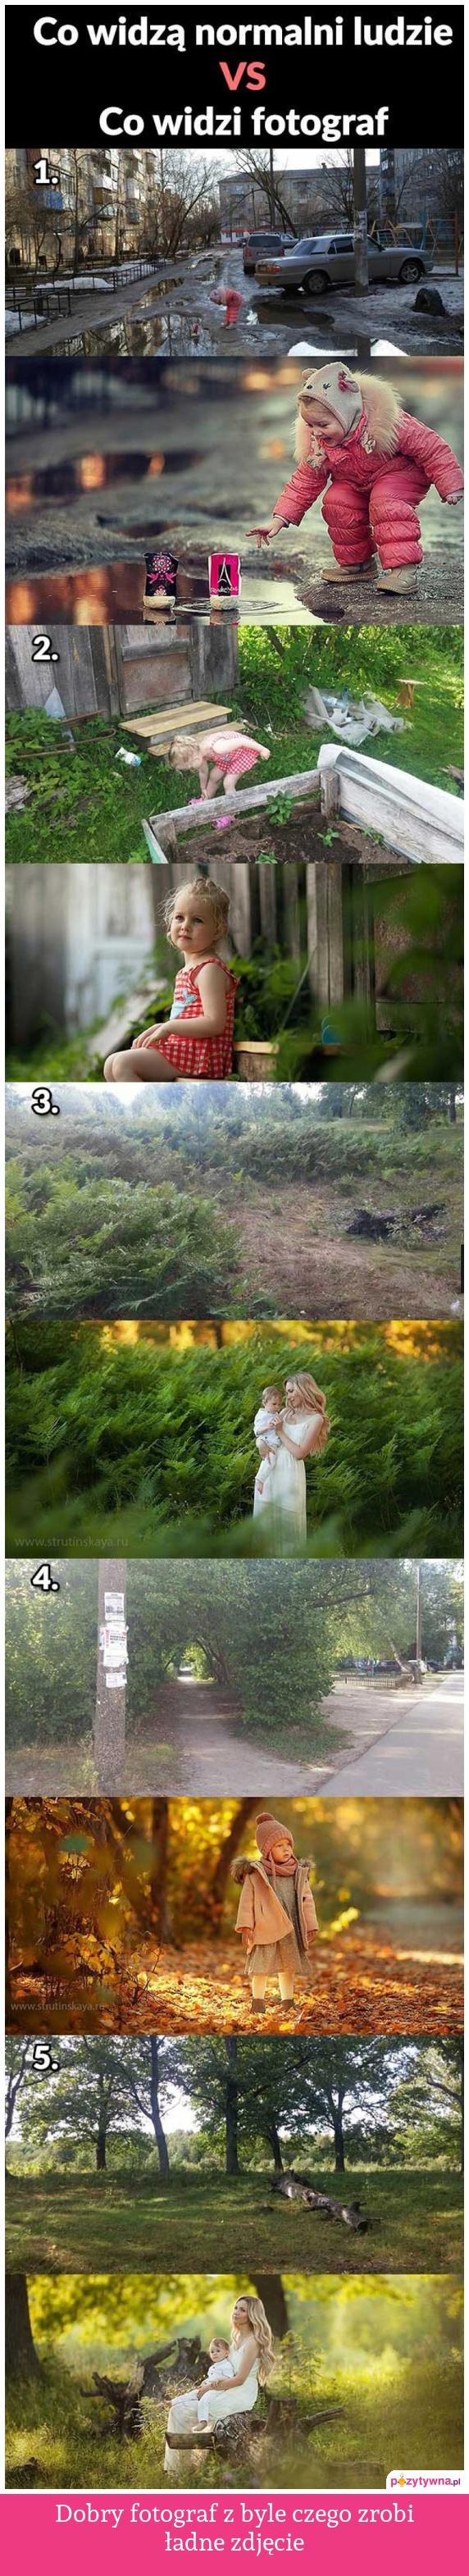 Dobry fotograf z byle czego zrobi ładne zdjęcie :